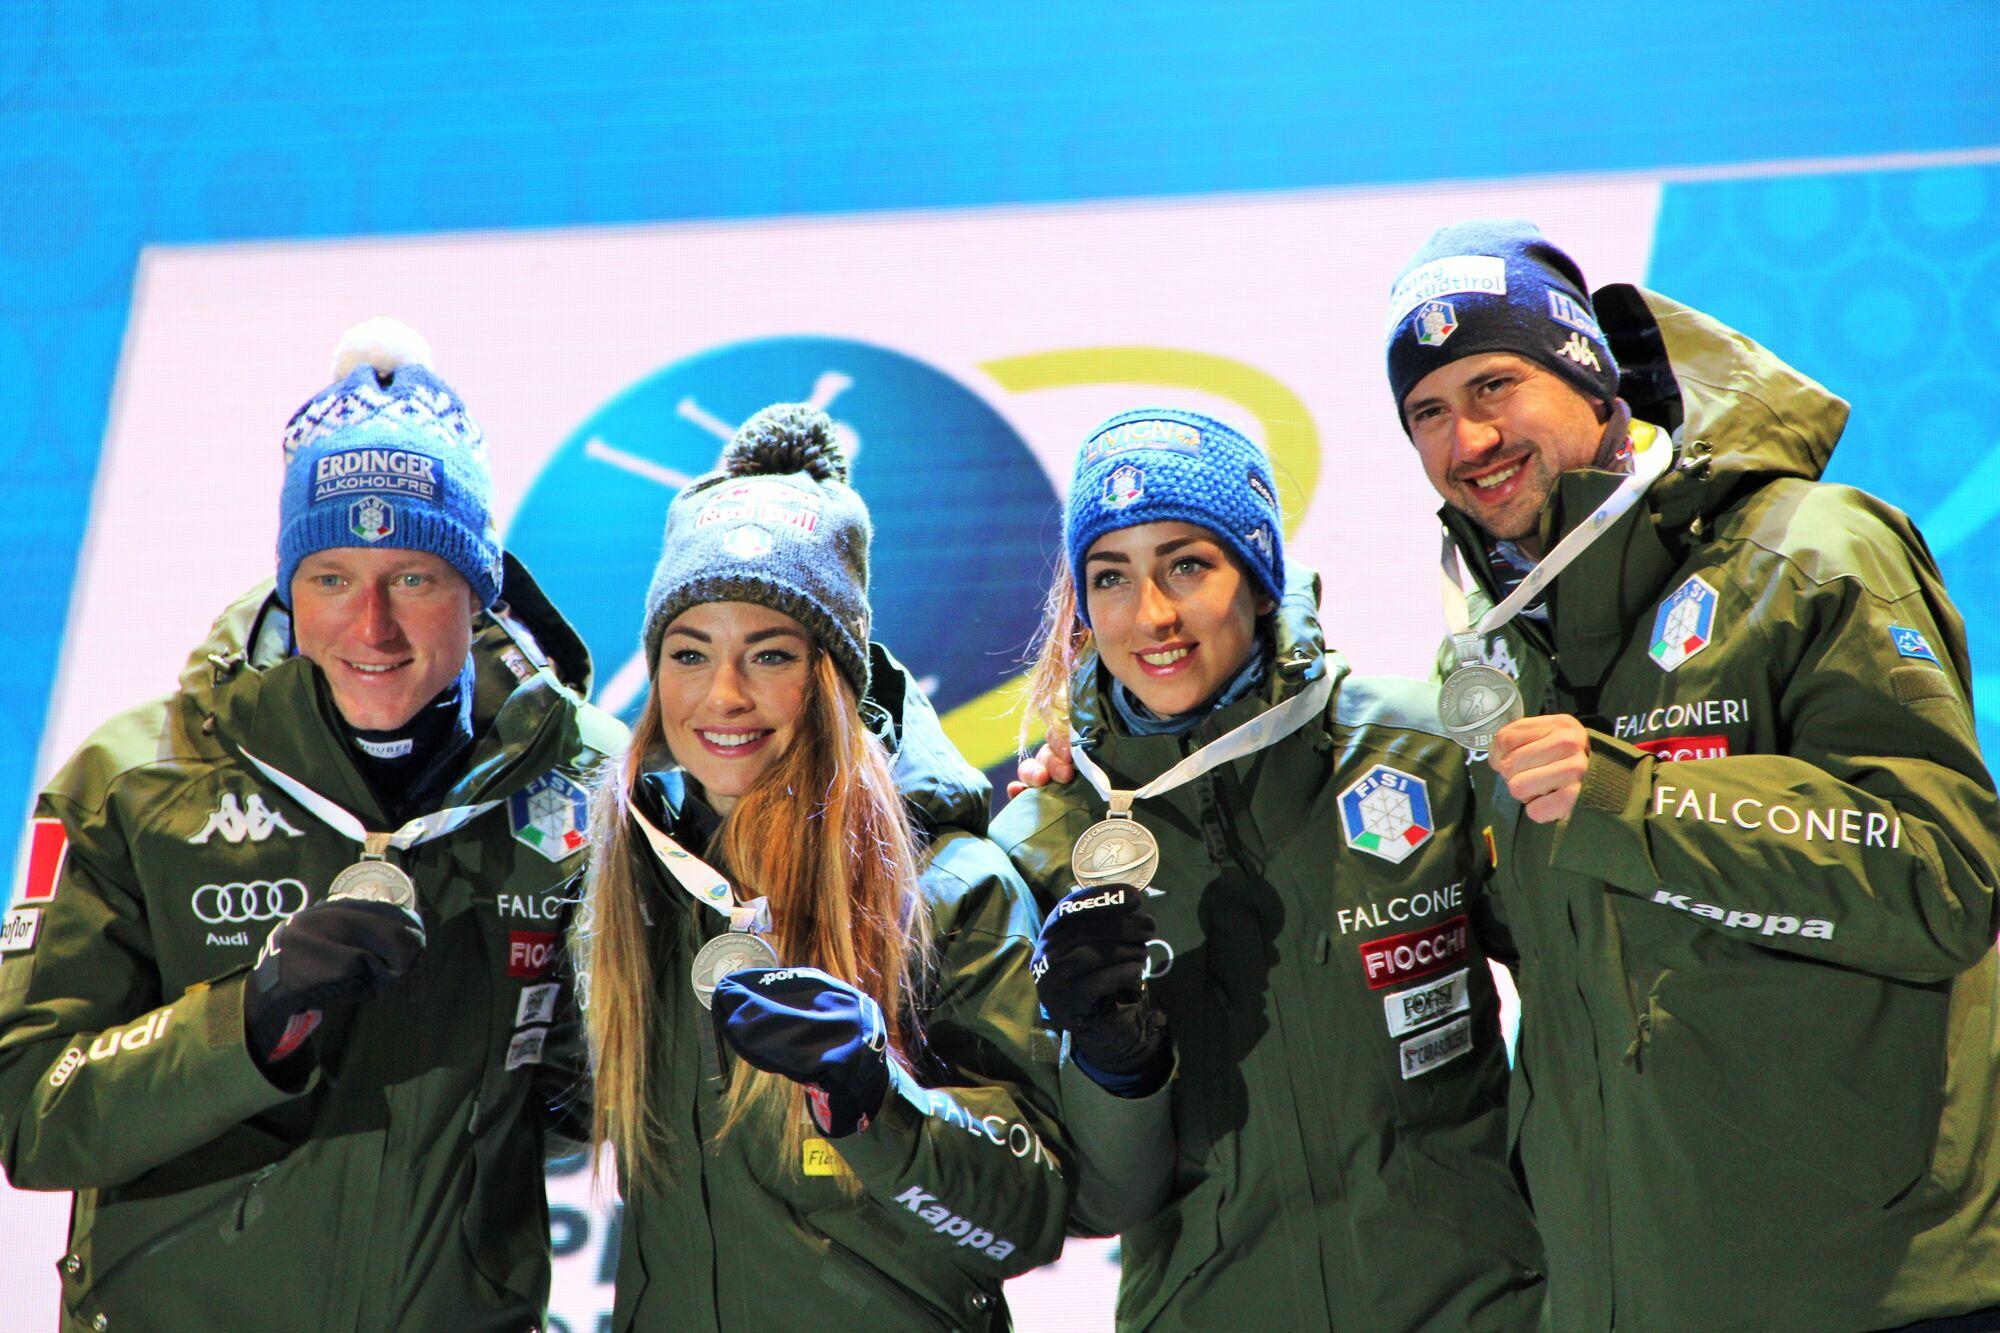 Италия прогнозируемо сумела без проблем взять медали эстафеты